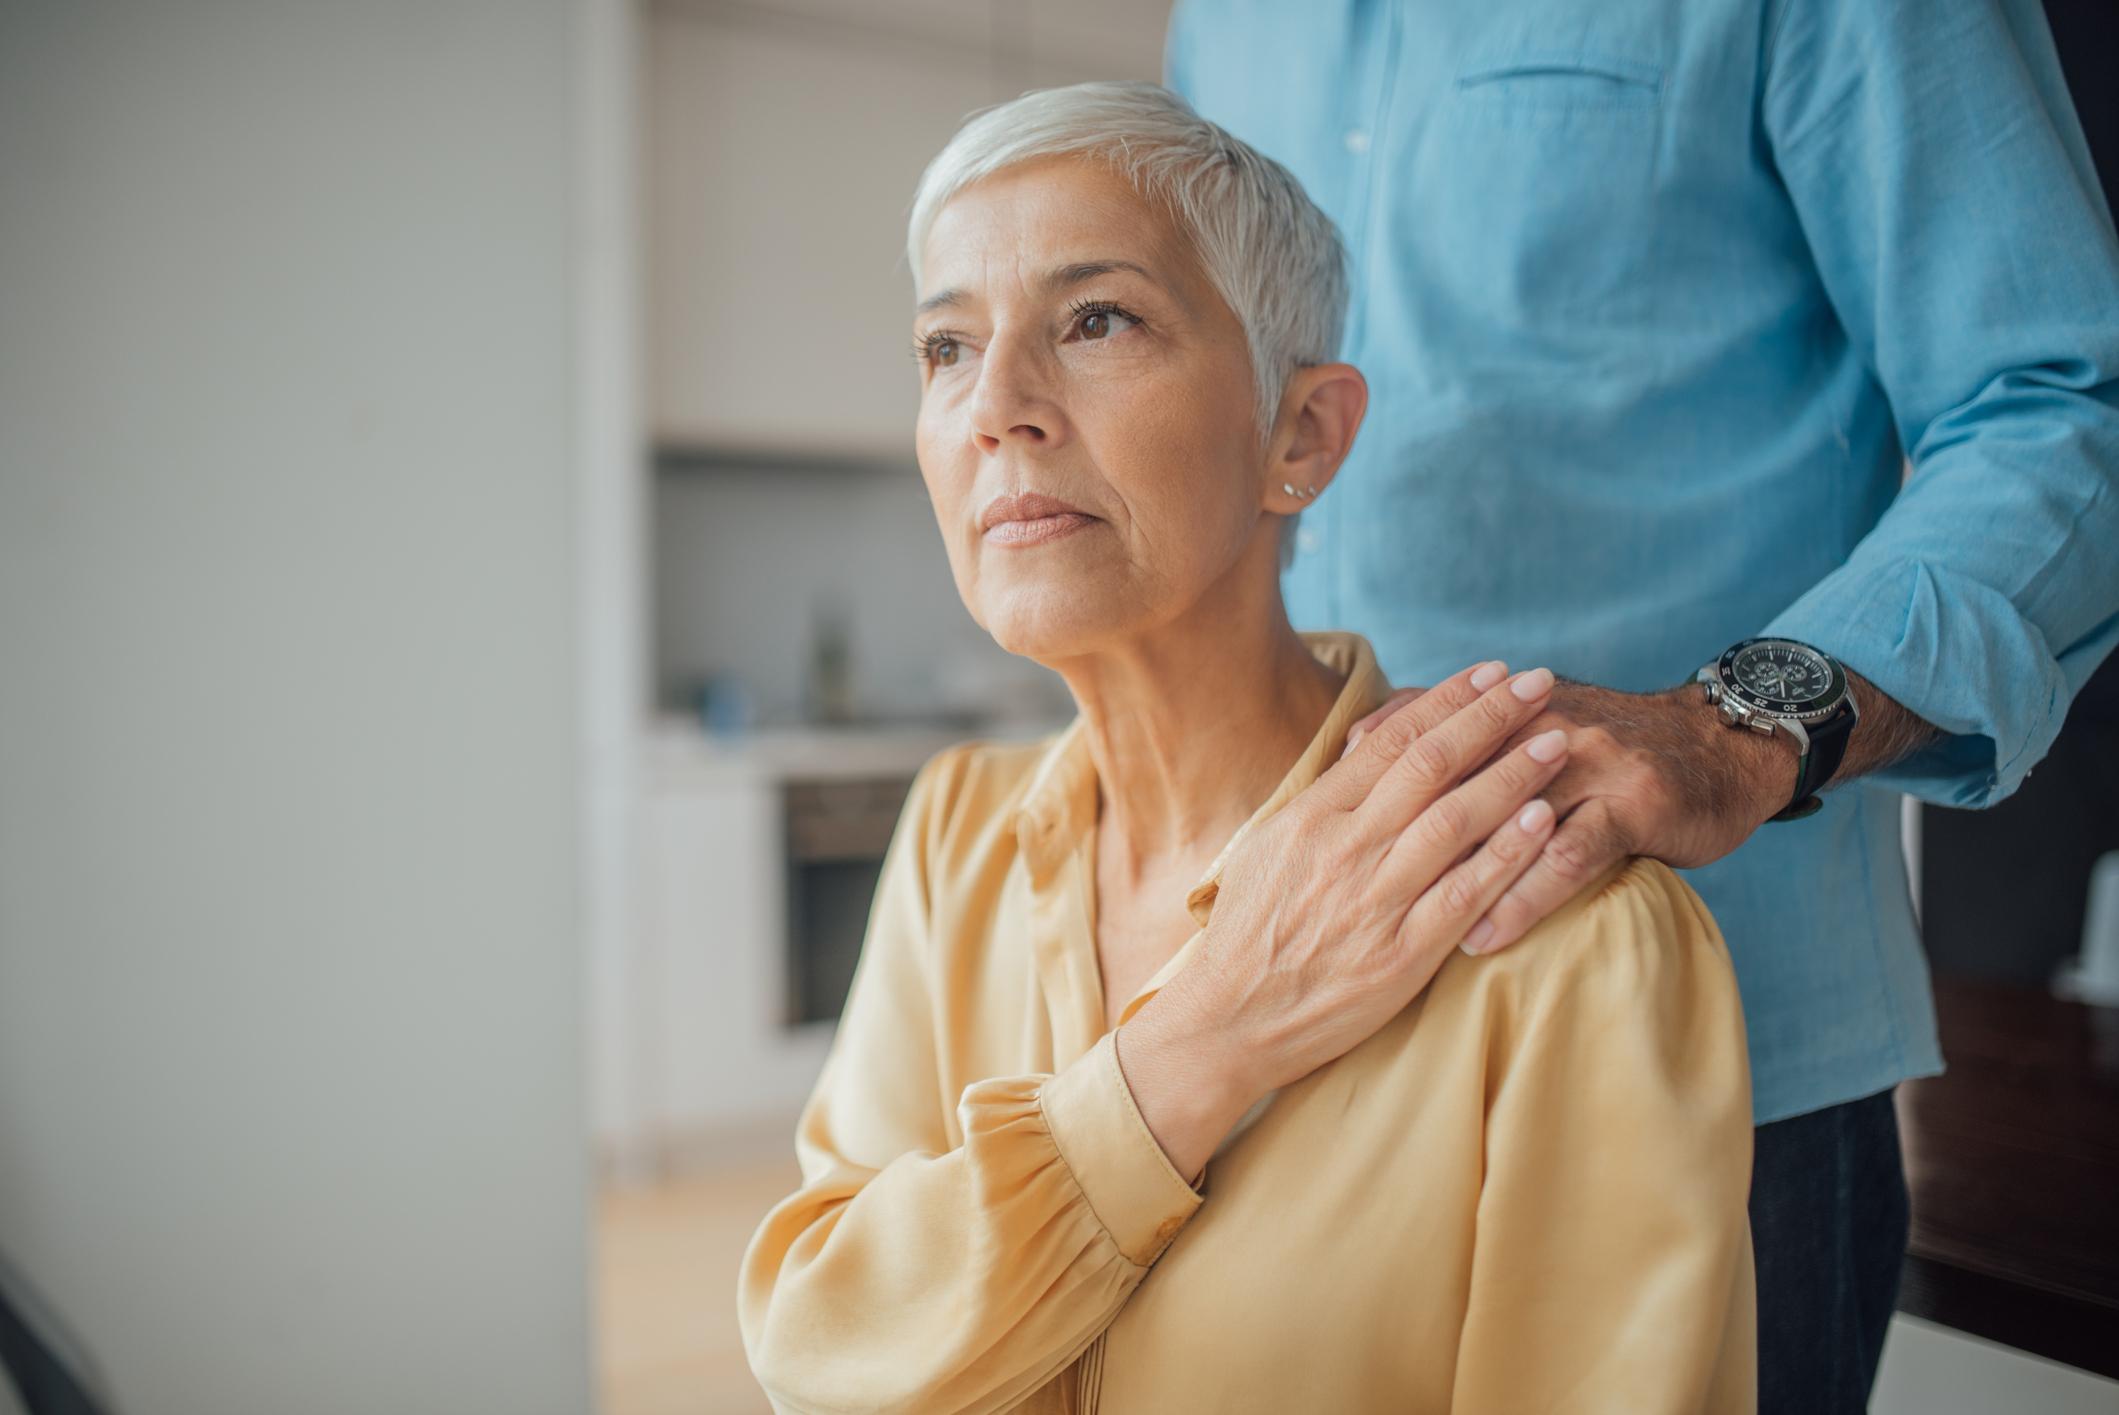 Demencija je pojam koji se prvenstveno odnosi na lošije pamćenje, a potom i na niz intelektualnih problema s pamćenjem i razmišljanjem.